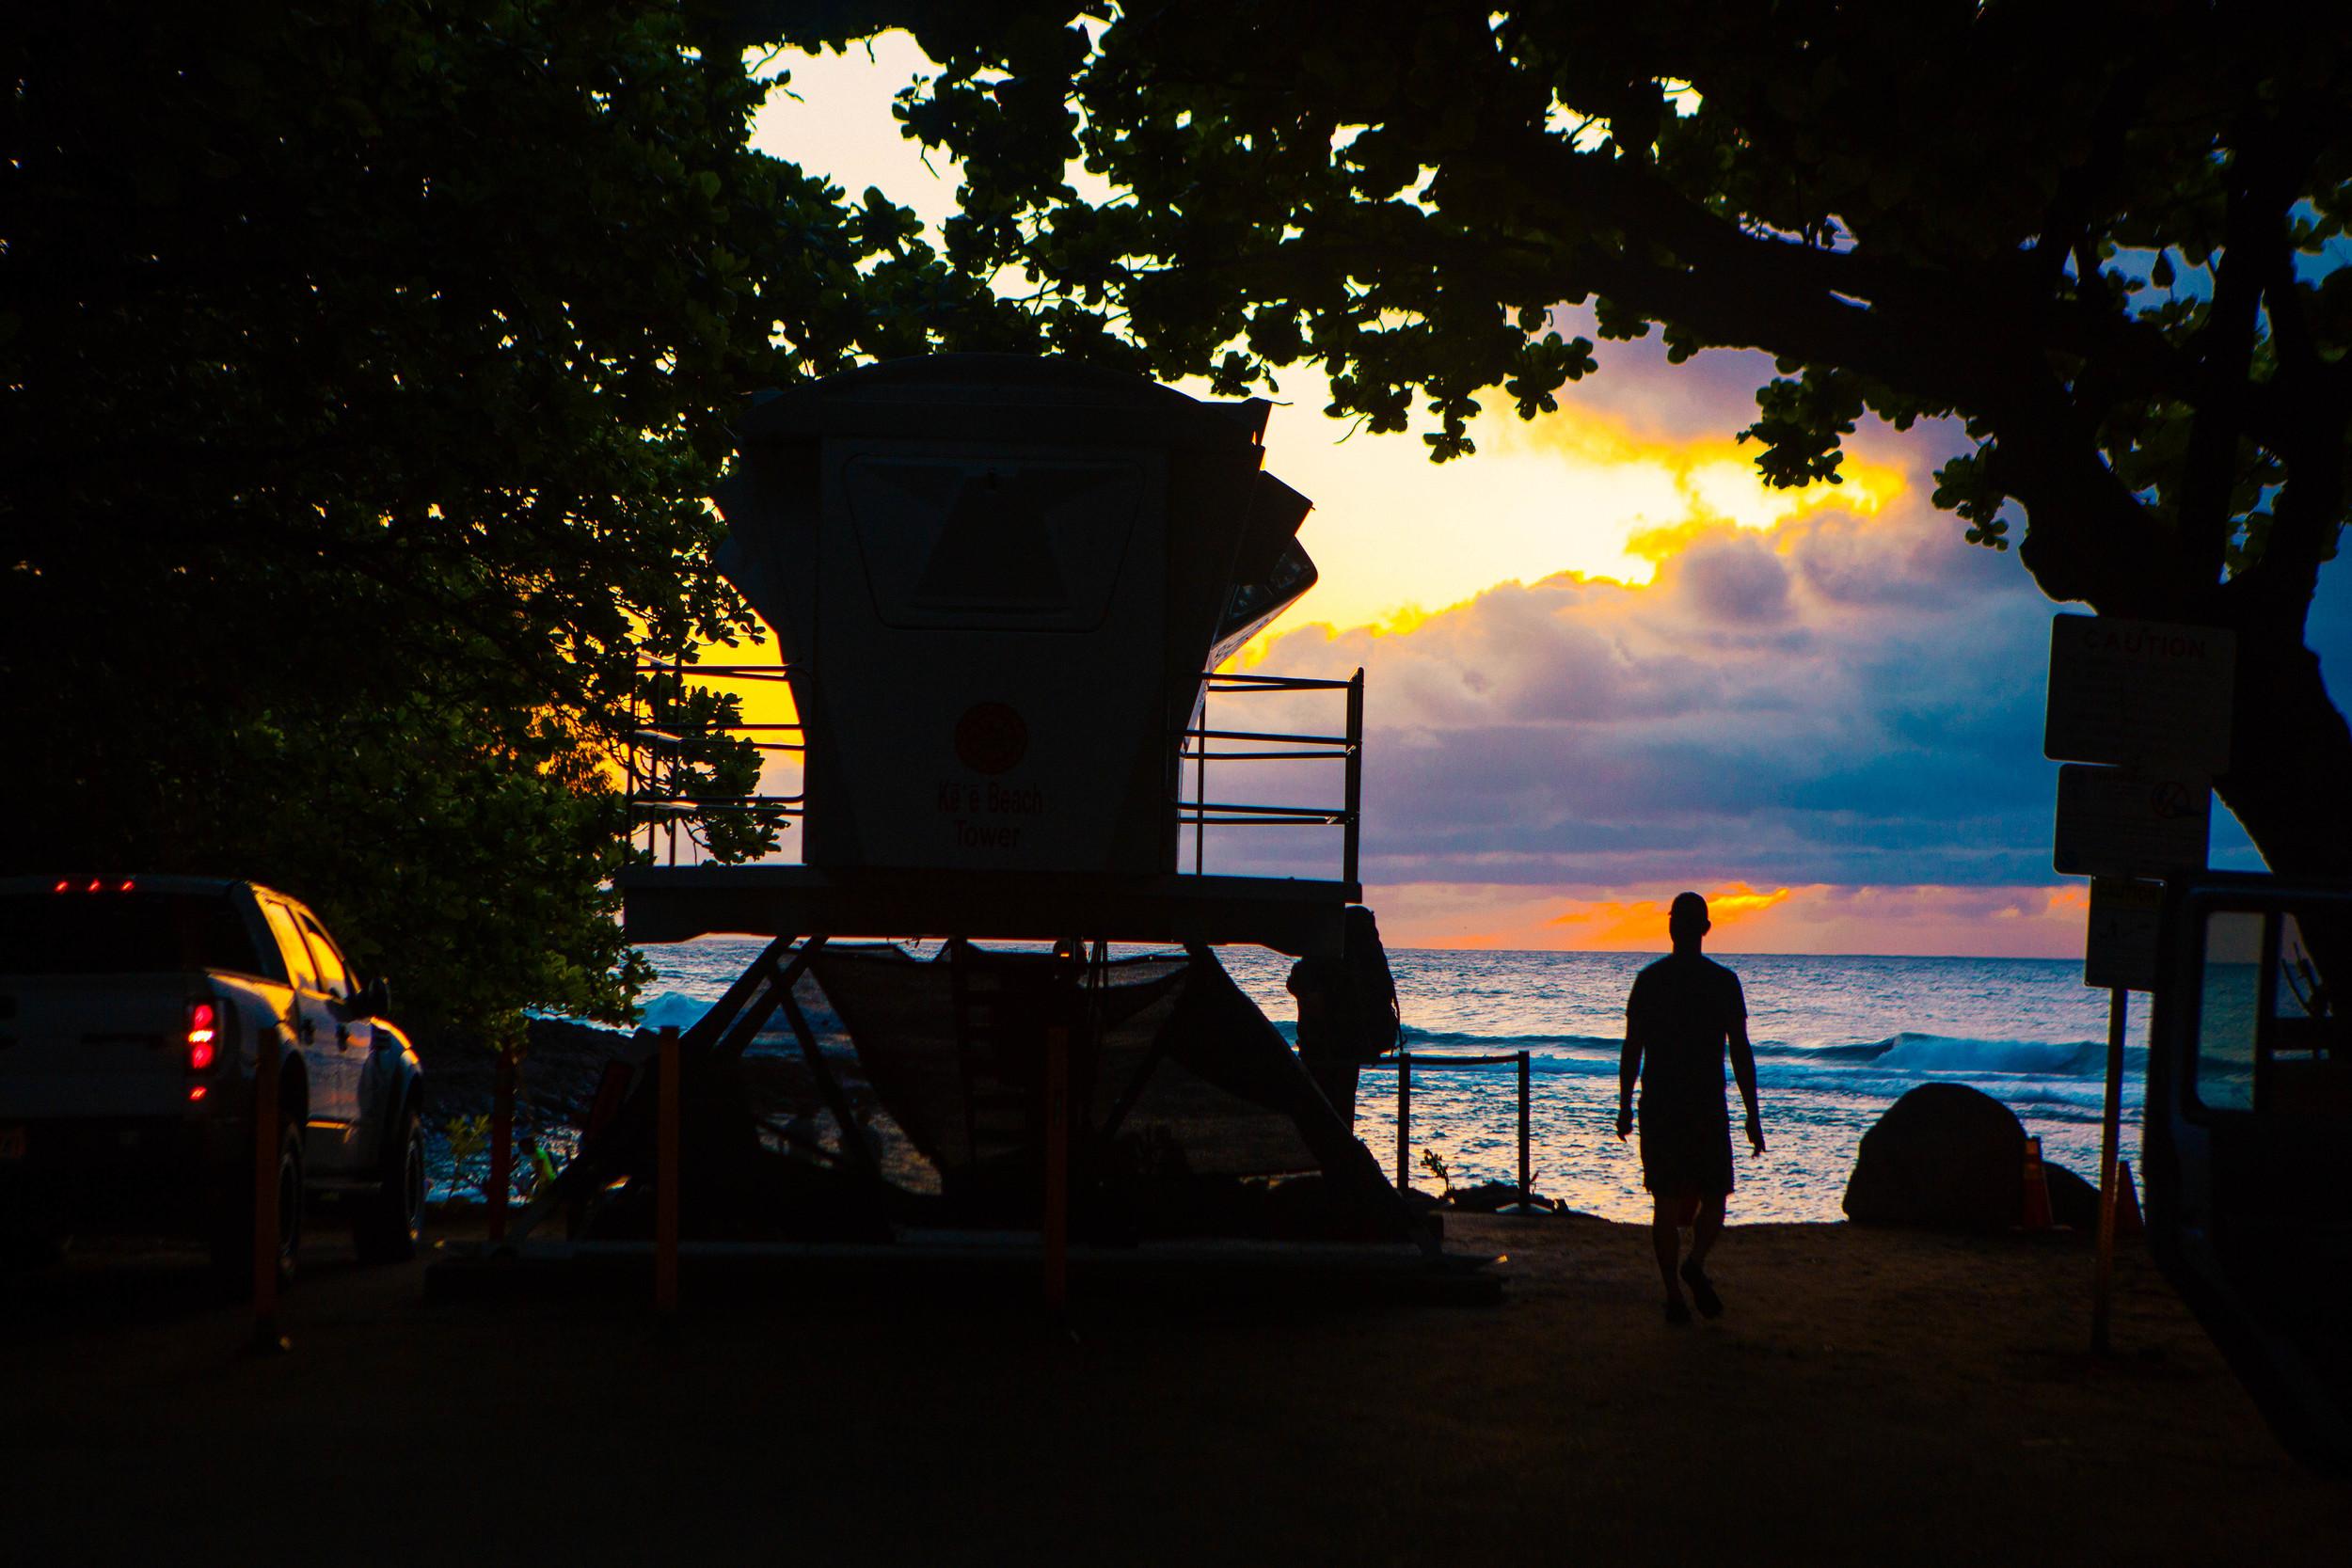 Kauai_day2_-485-2.jpg